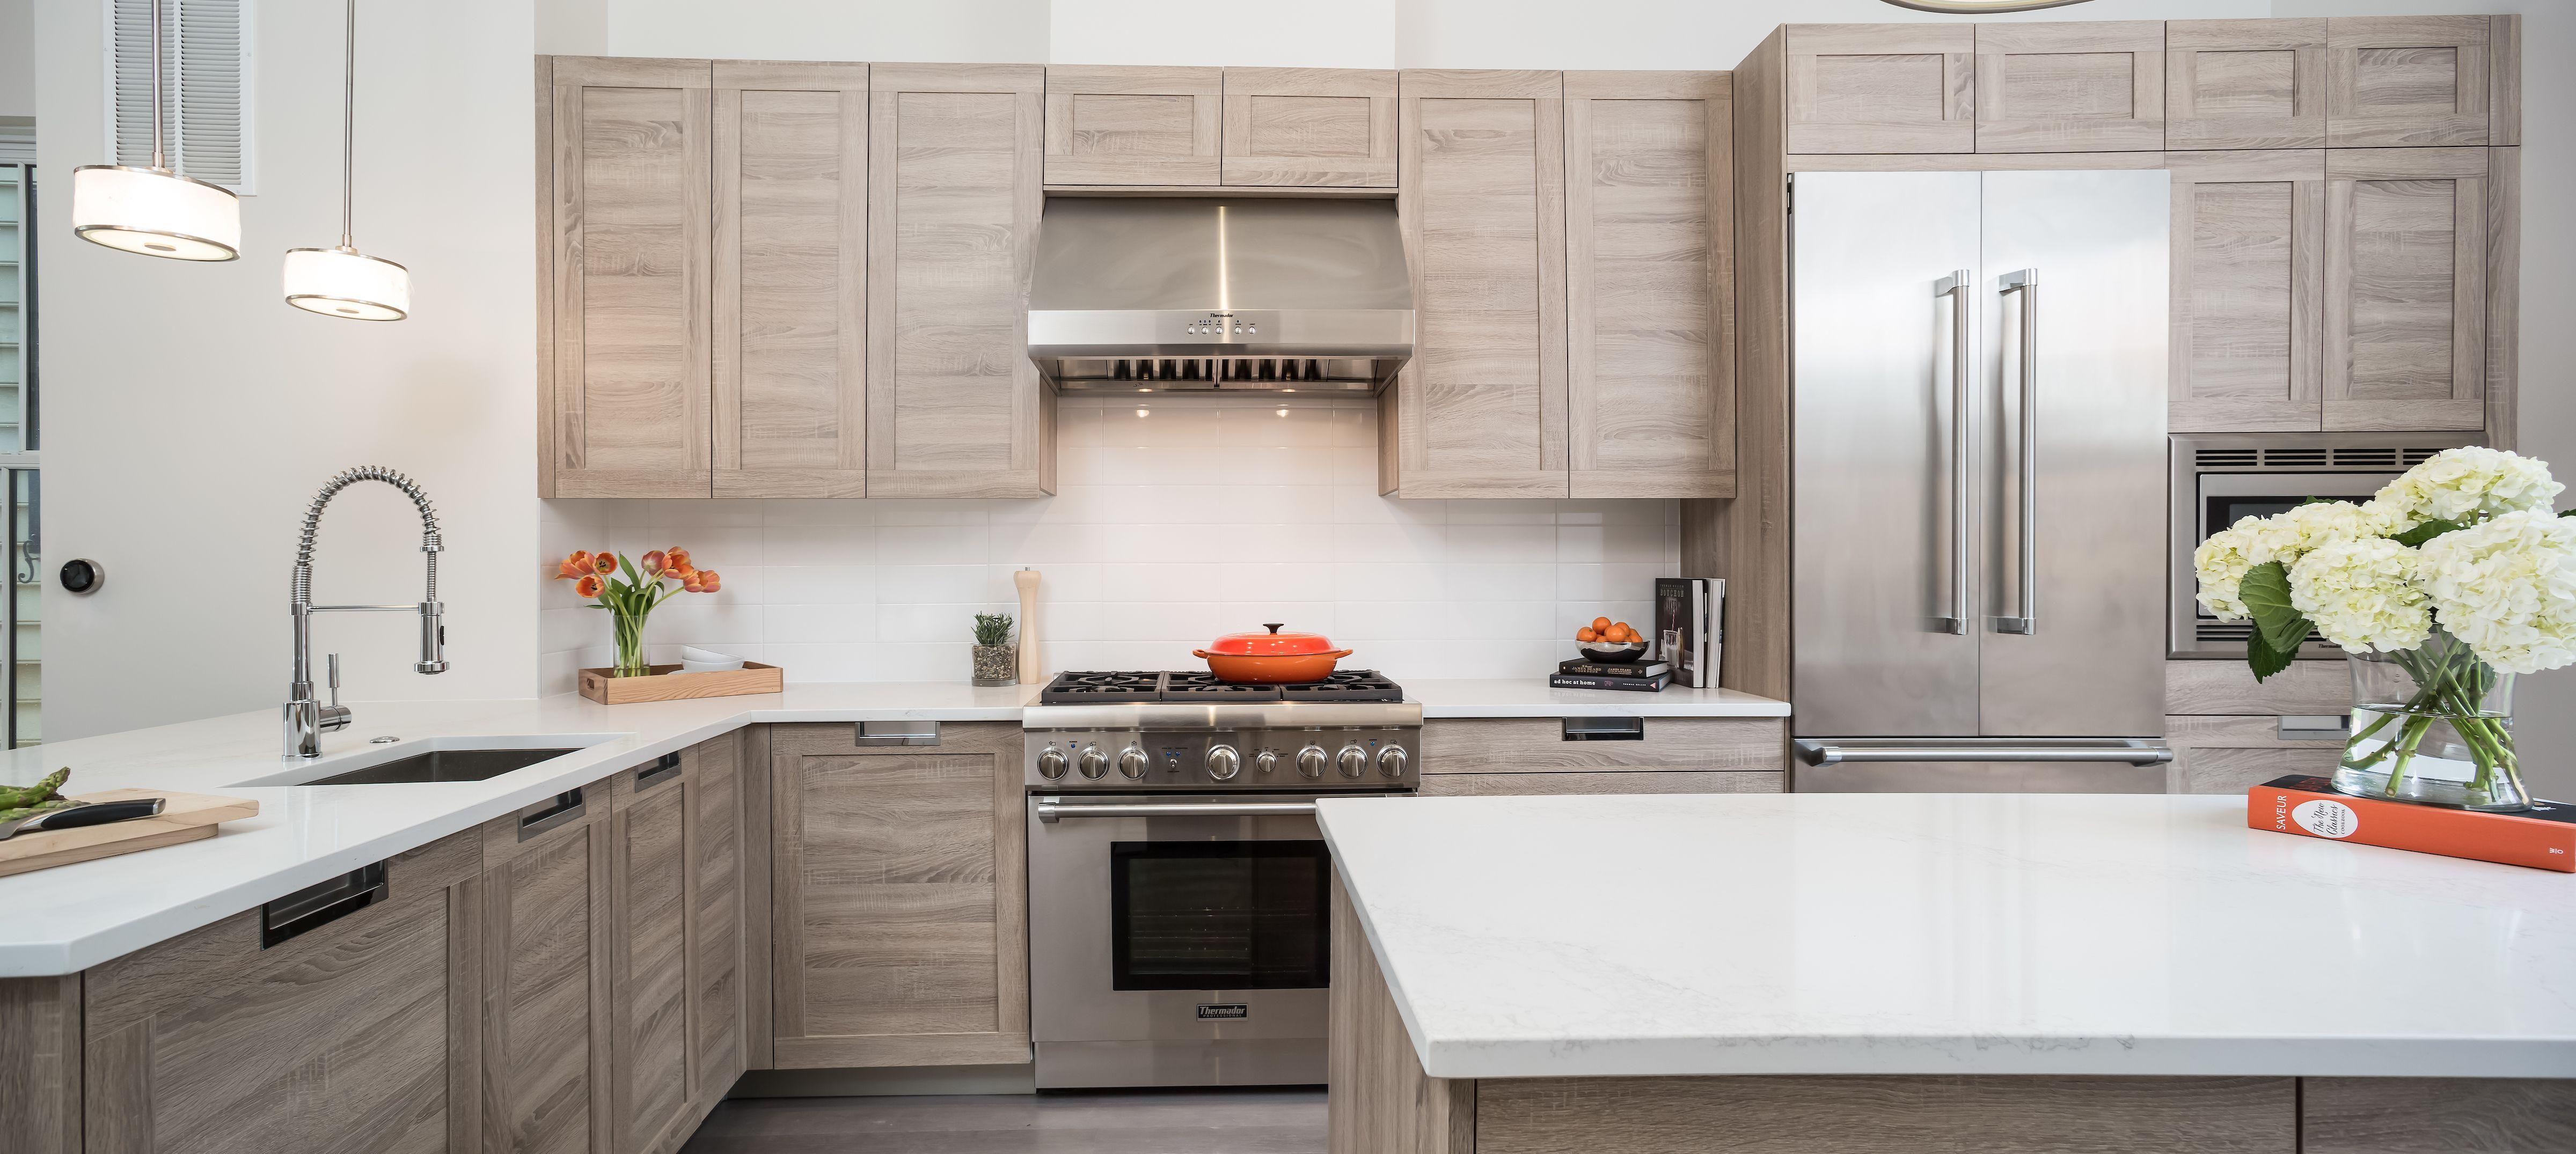 Medium Sized Mid Century Modern Kitchen Idea In Alexandria Virginia With Medium Oak W Mid Century Modern Kitchen Cabinets Kitchen Design Modern Kitchen Design Medium sized kitchen designs